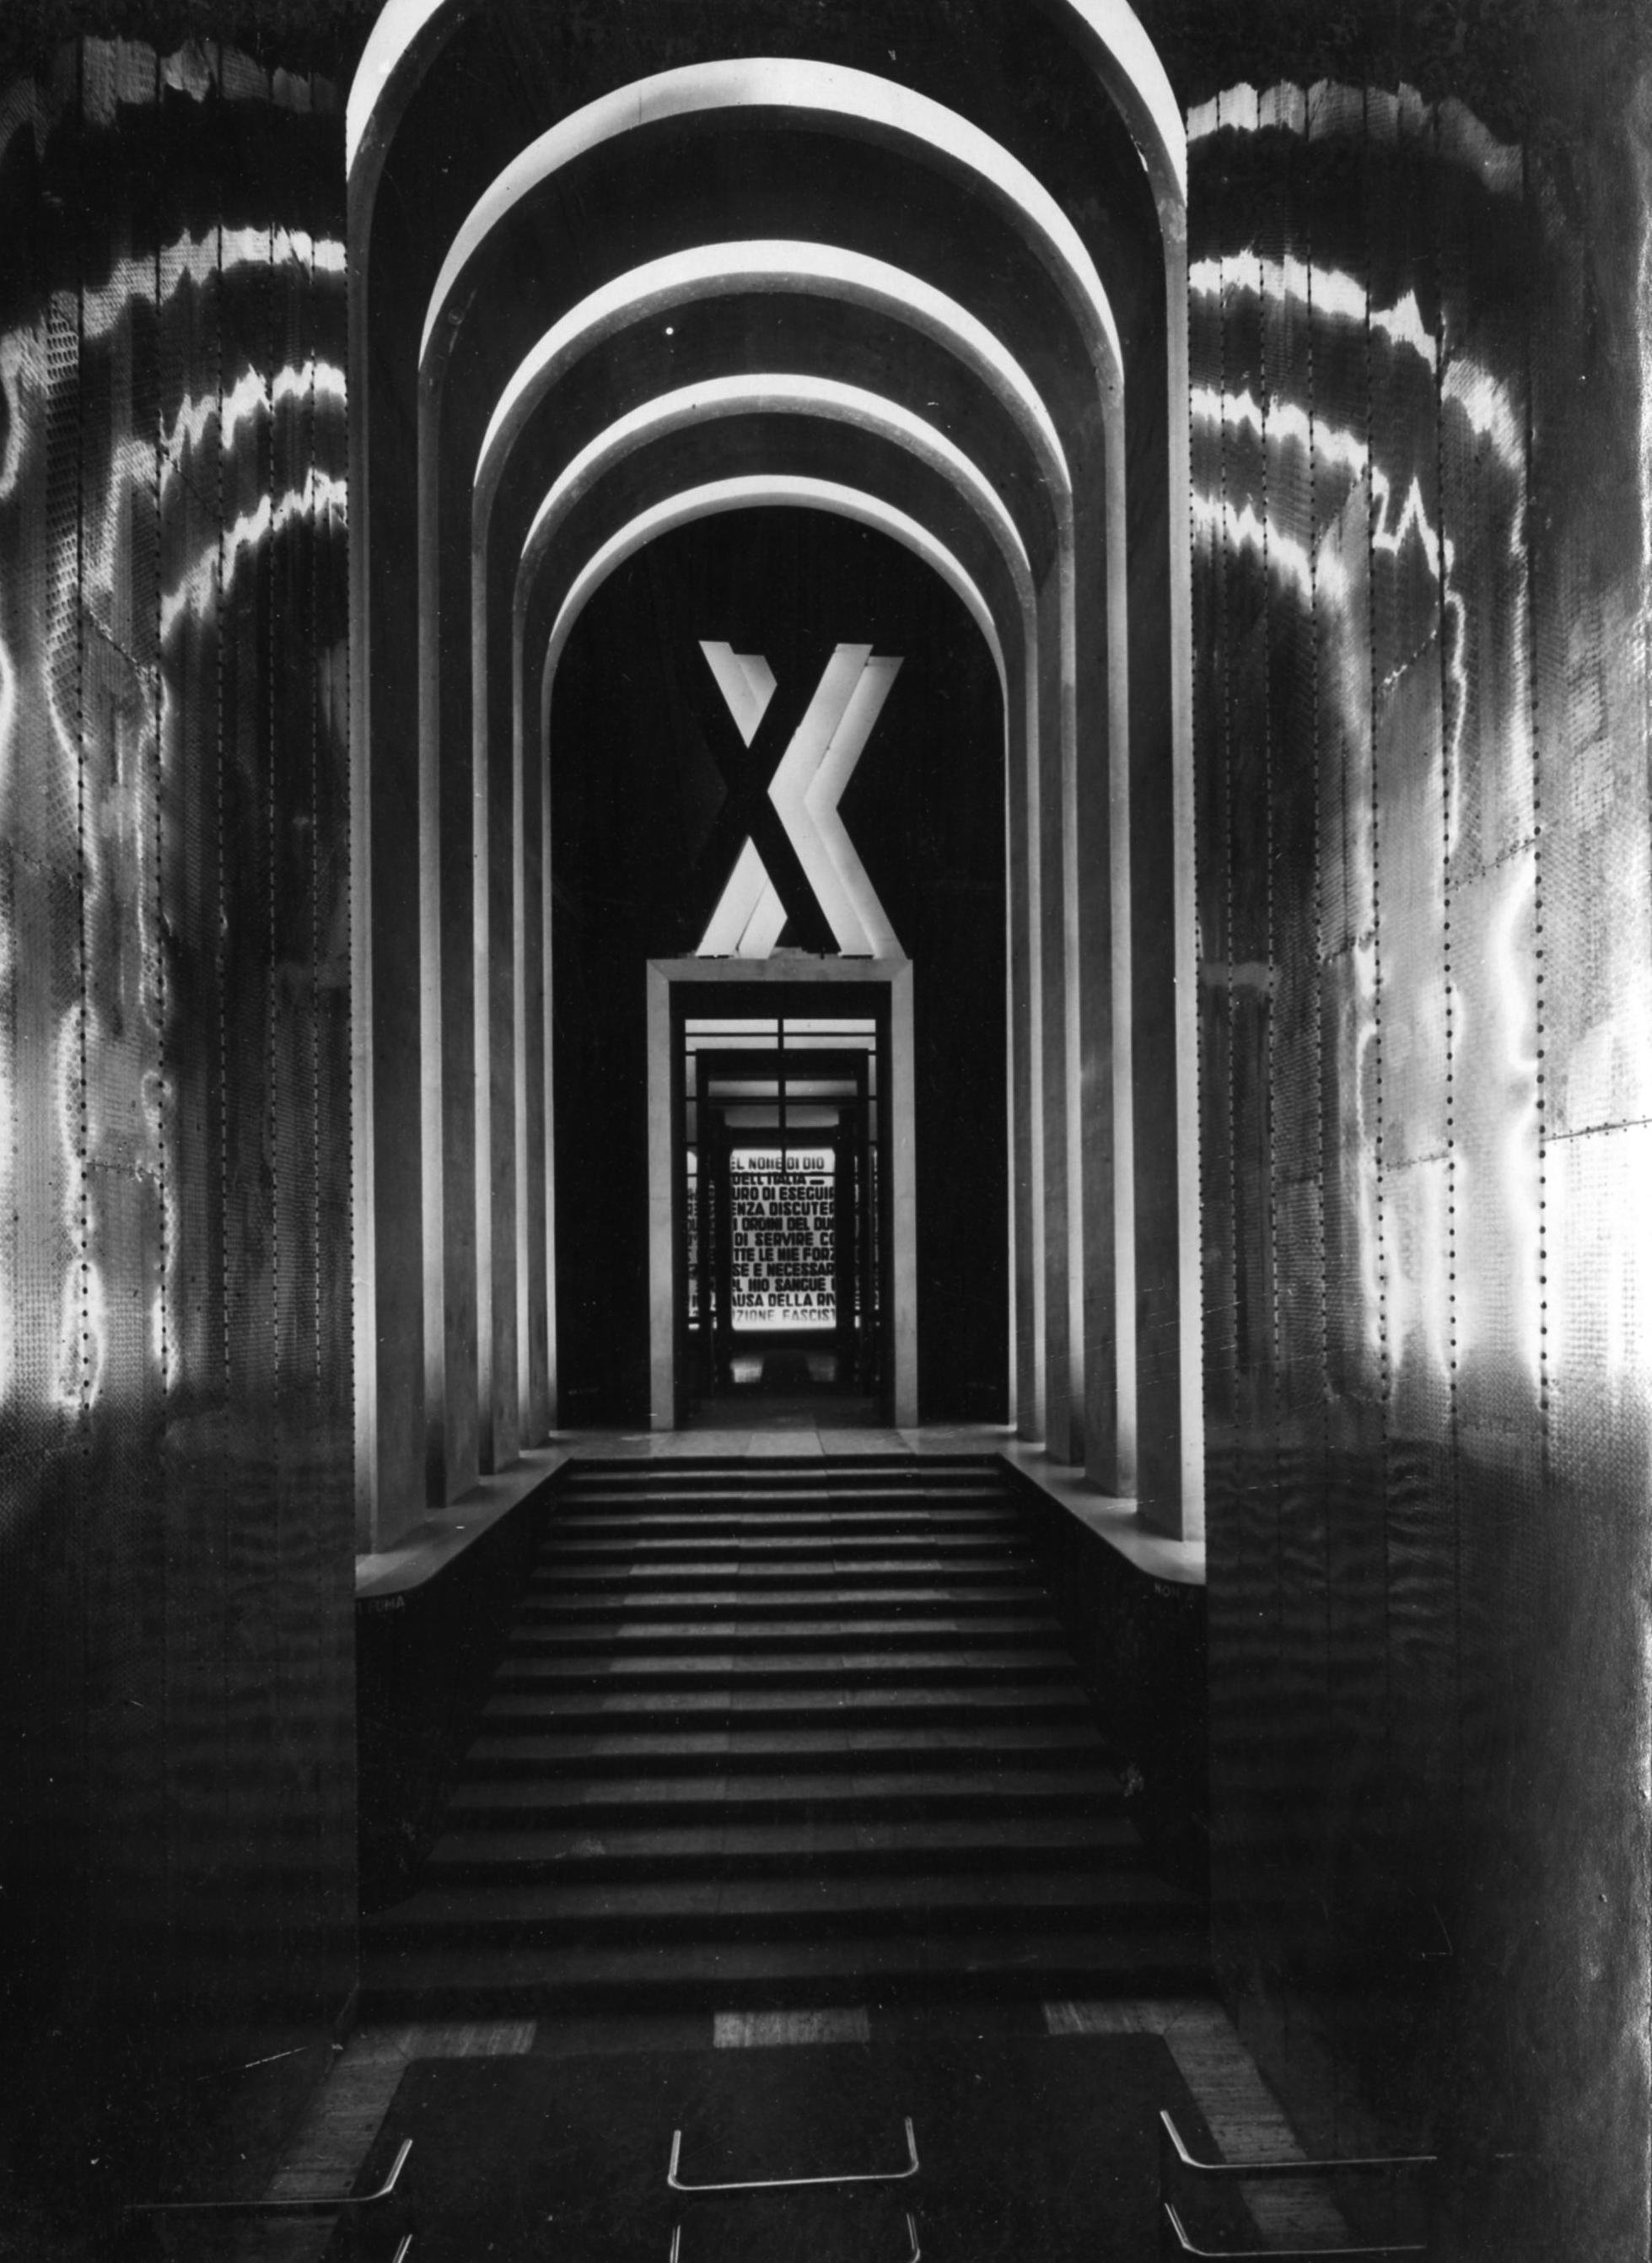 Facciata e ingresso per la Mostra del decennale della rivoluzione fascista al Palazzo delle Esposizioni in via Nazionale, Roma